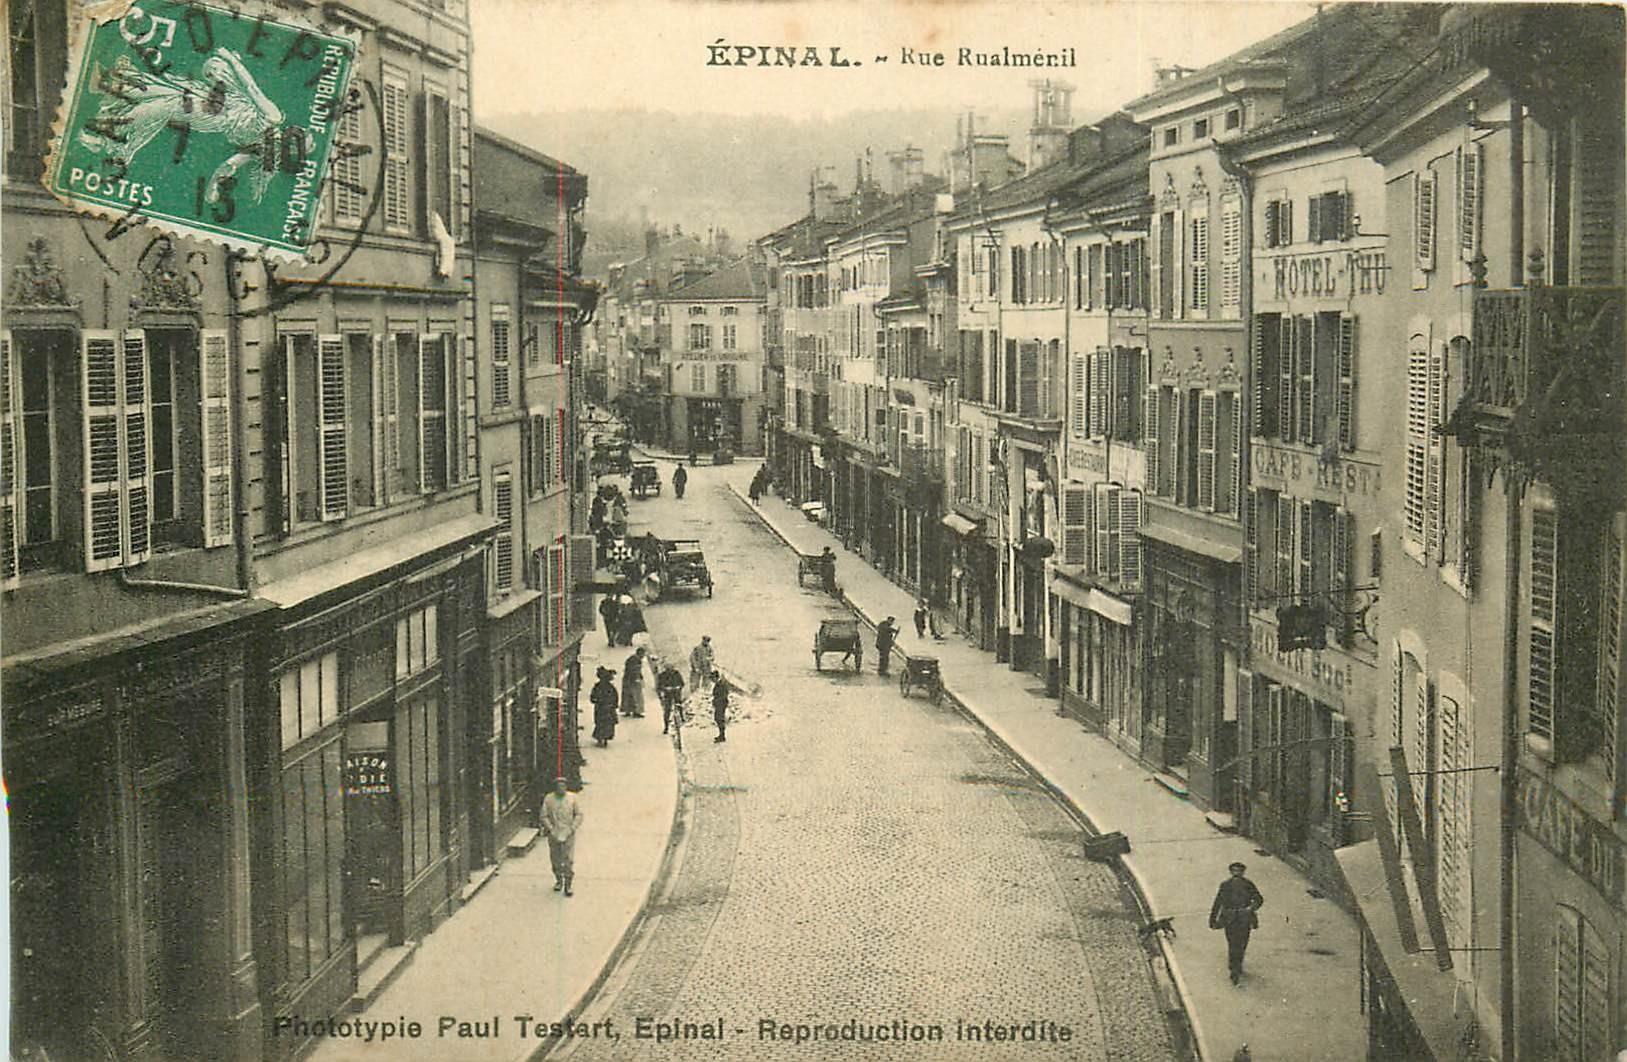 88 EPINAL. Hôtels Cafés Restaurant rue Rualménil 1913